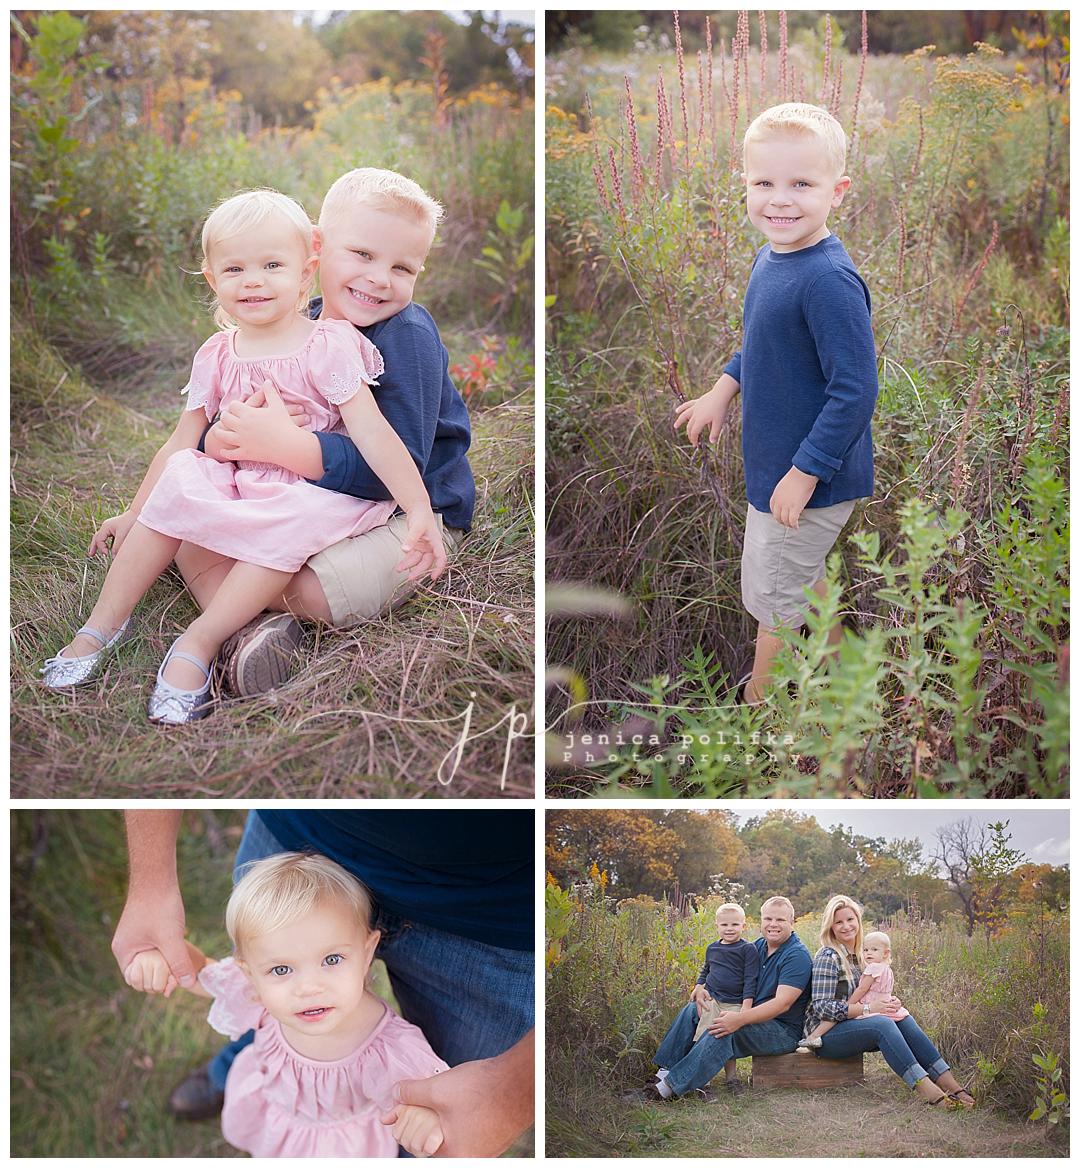 Arlington Heights Family Photographer